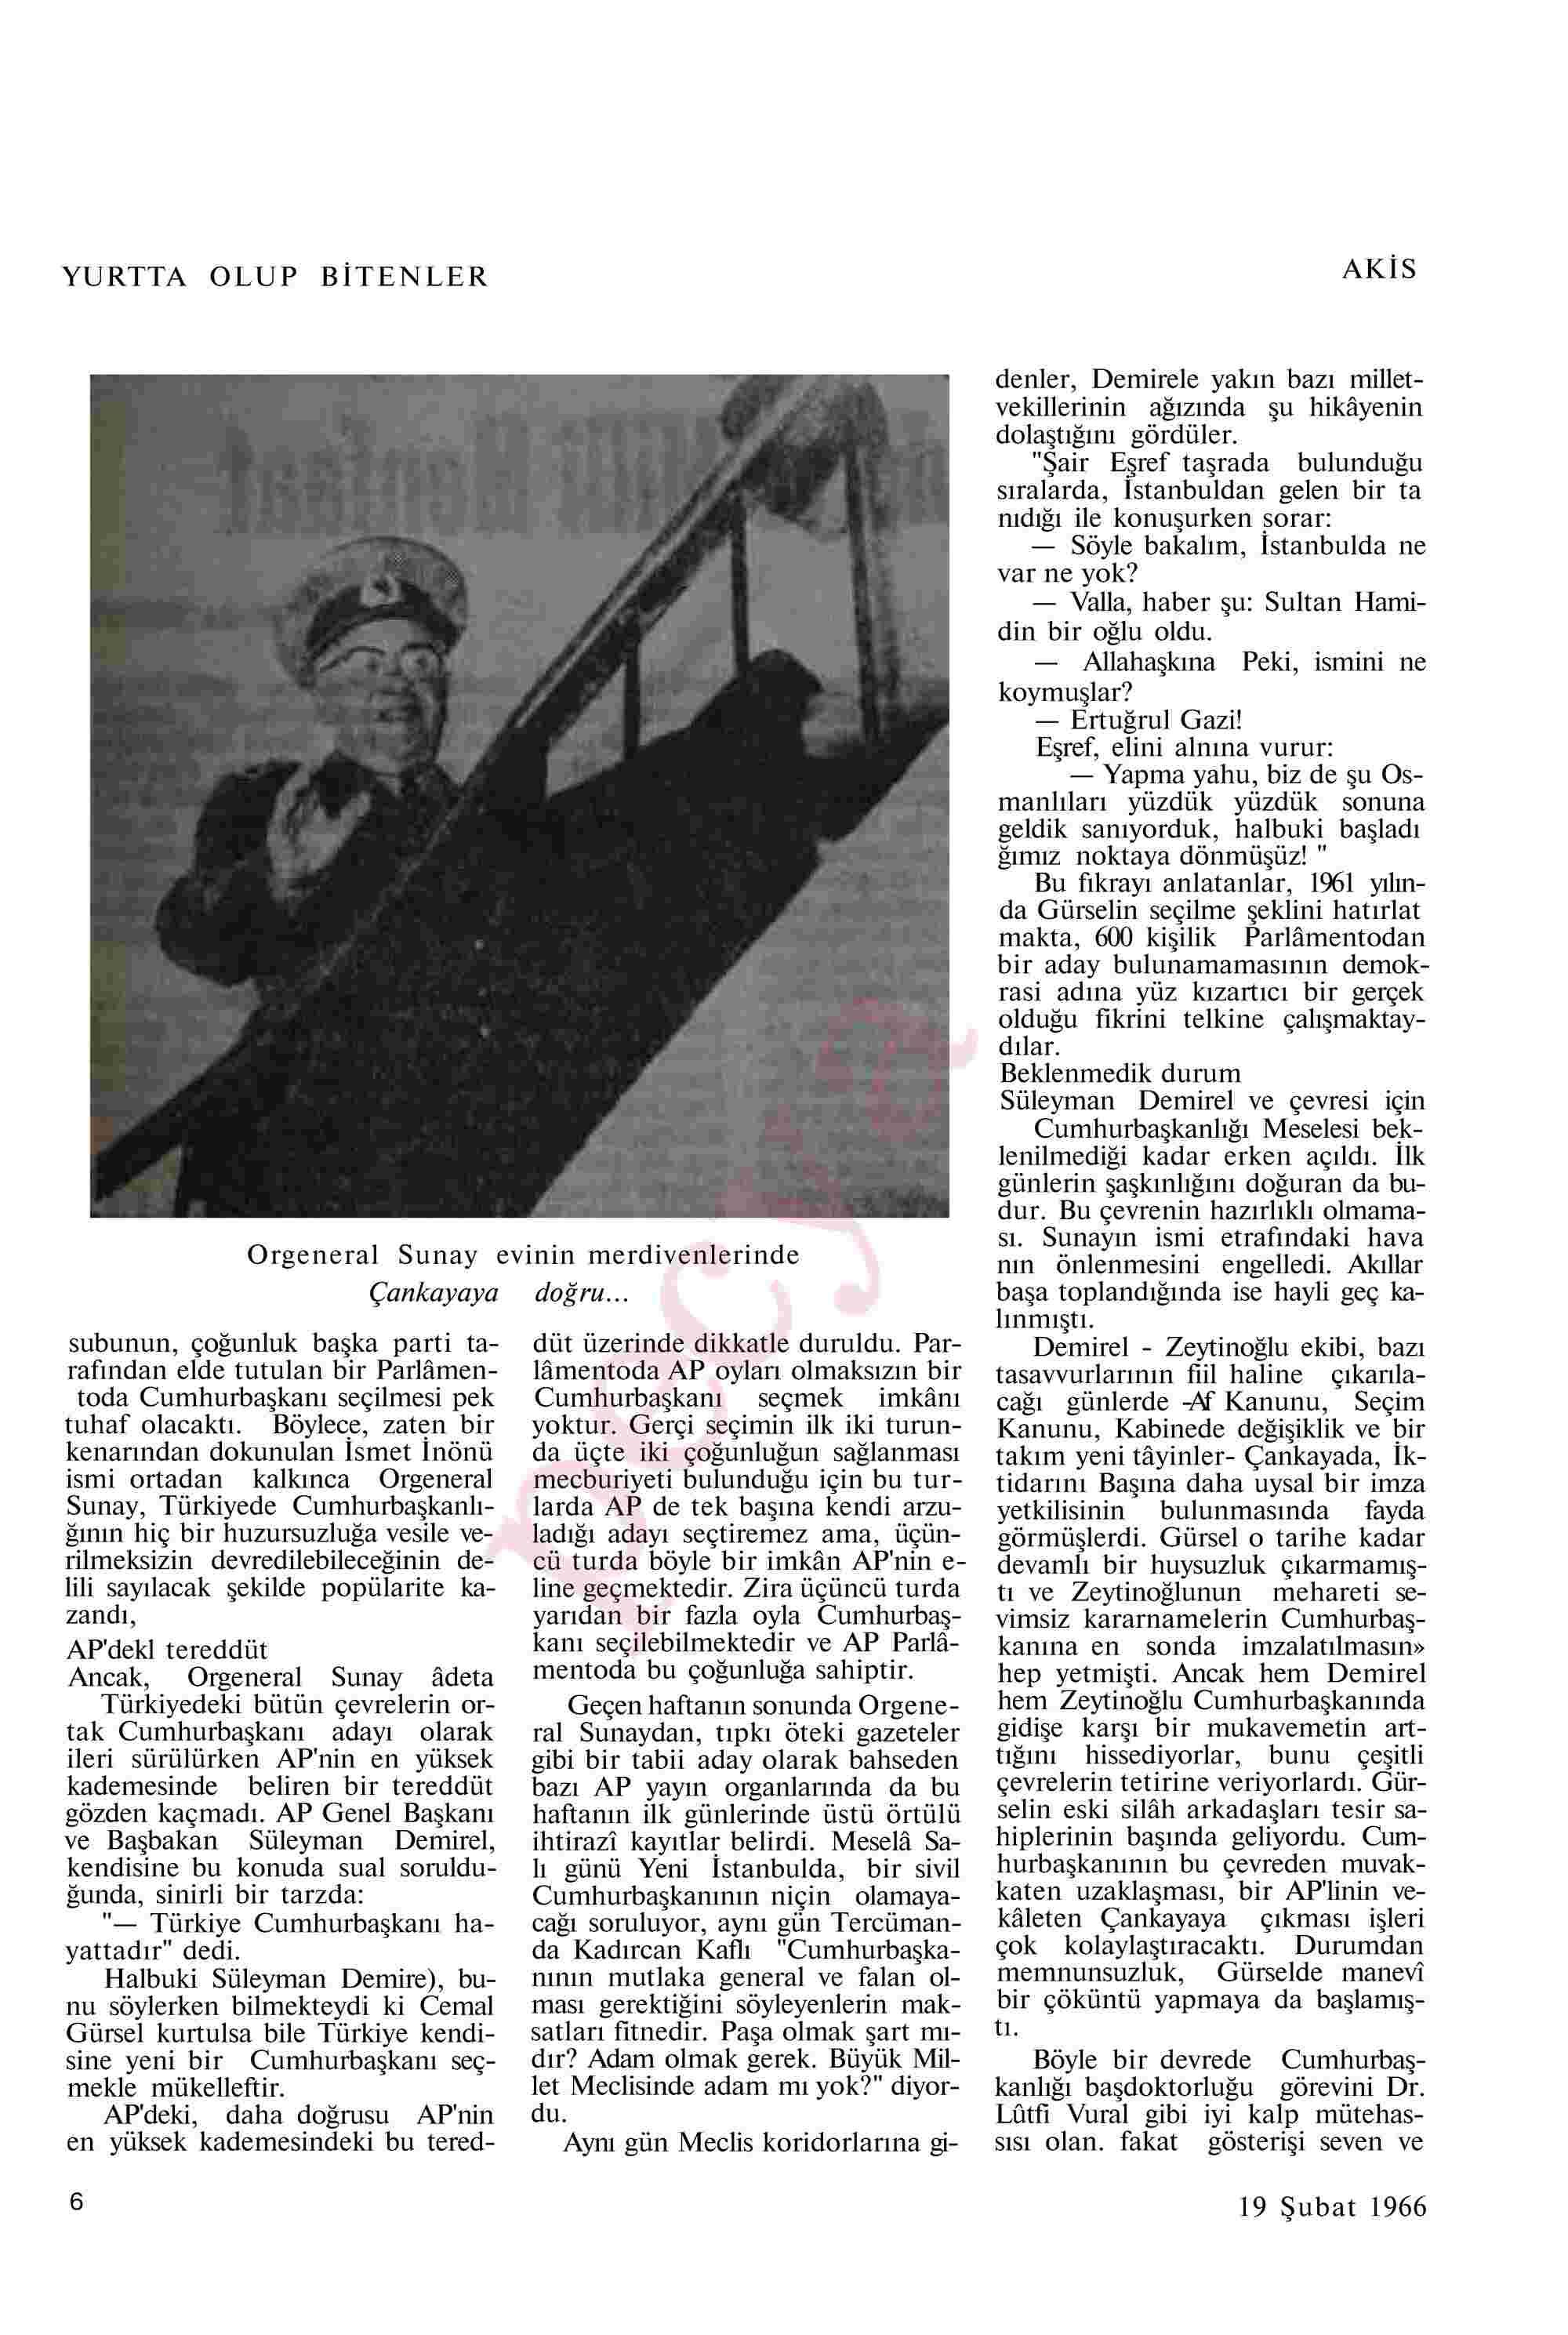 19 Şubat 1966 Tarihli Akis Dergisi Sayfa 6